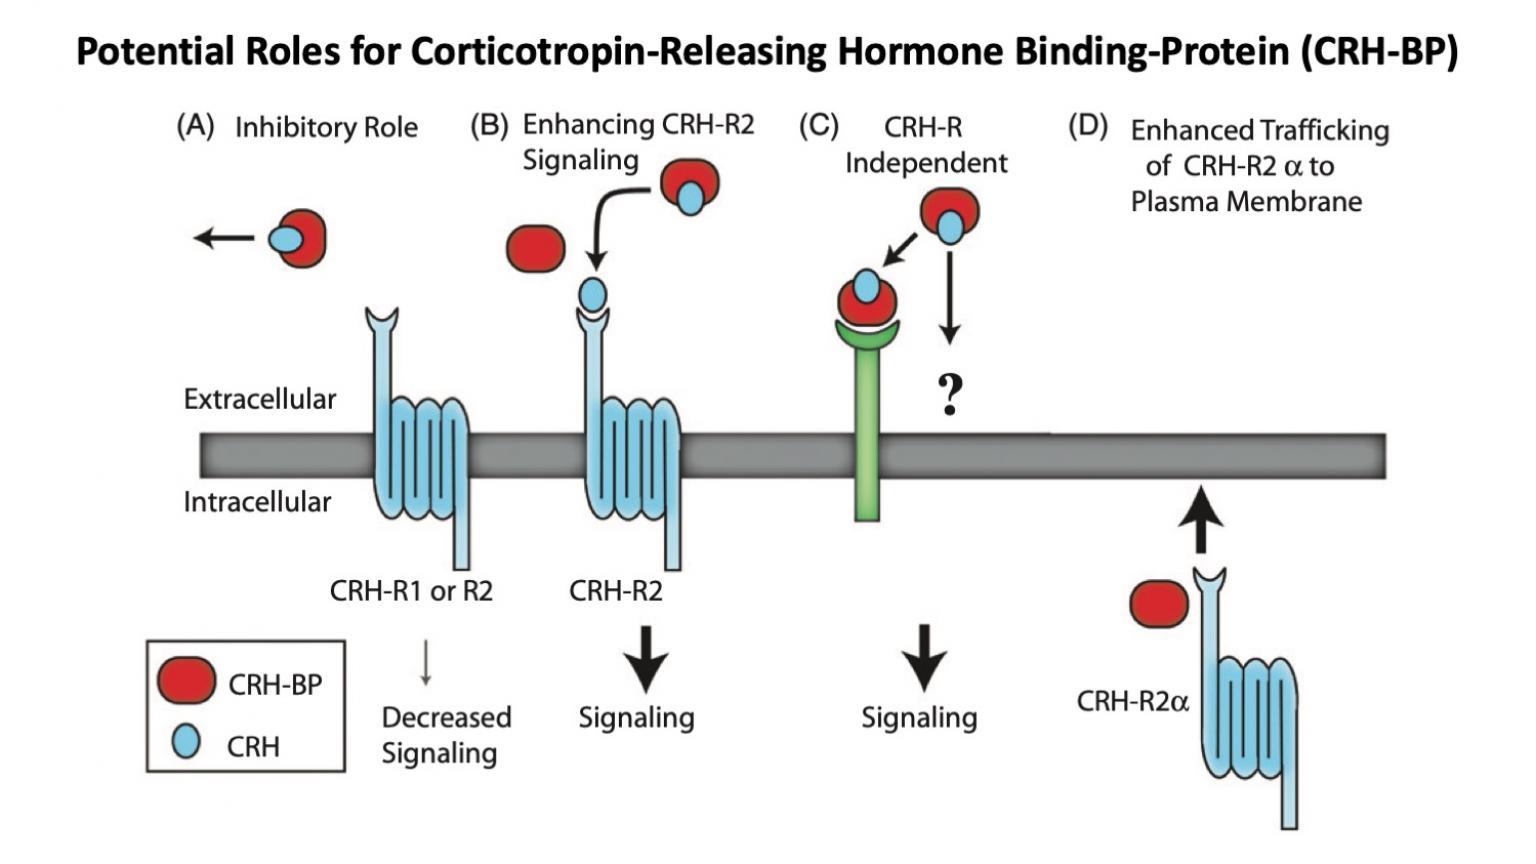 Corticotropin-Releasing Hormone Binding-Protein